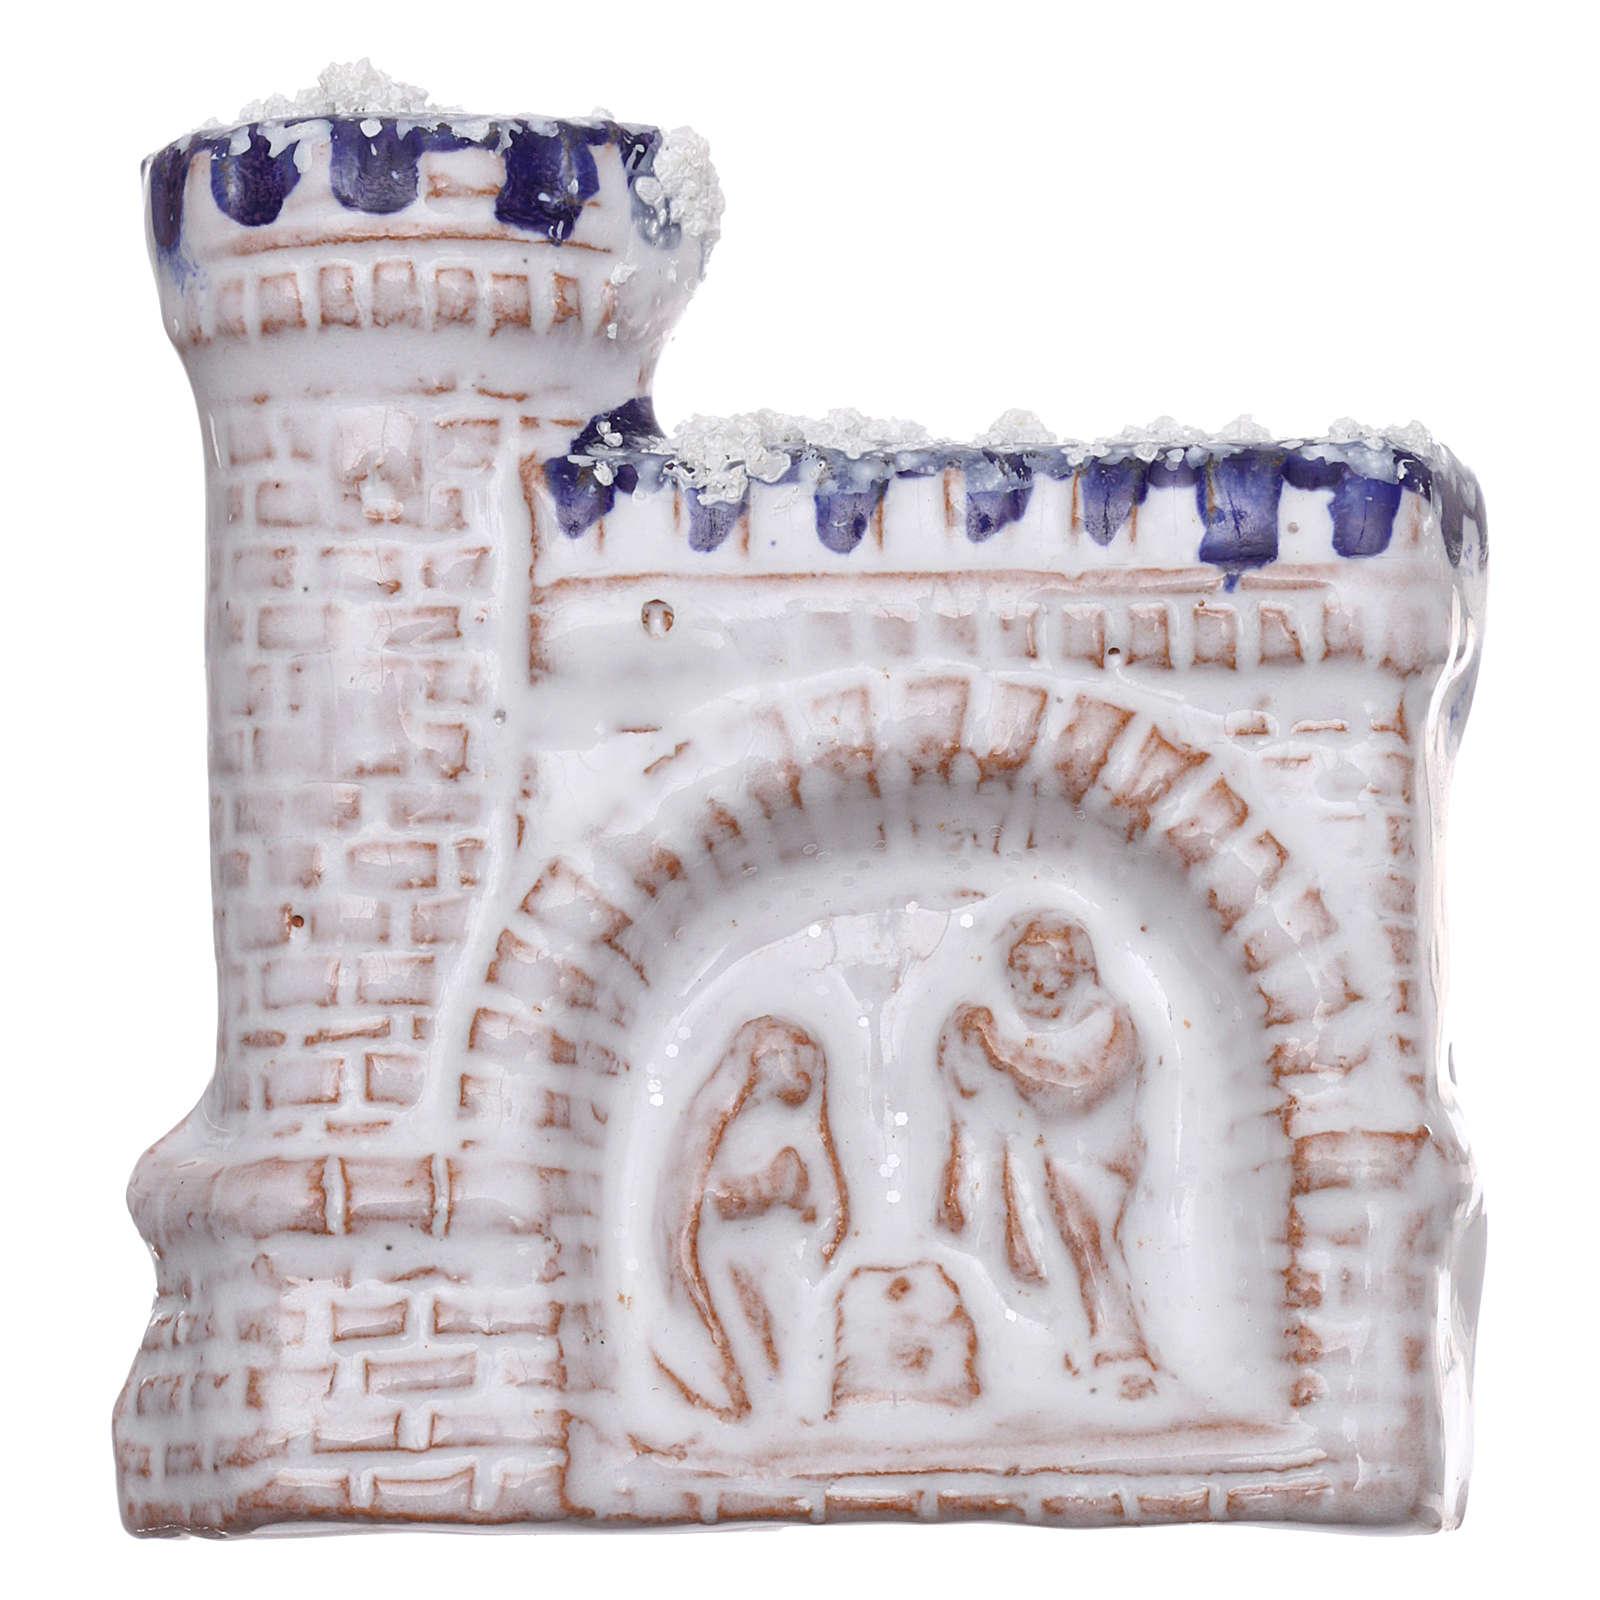 Calamita castello bianco con bassorilievo della Natività in terracotta Deruta 3